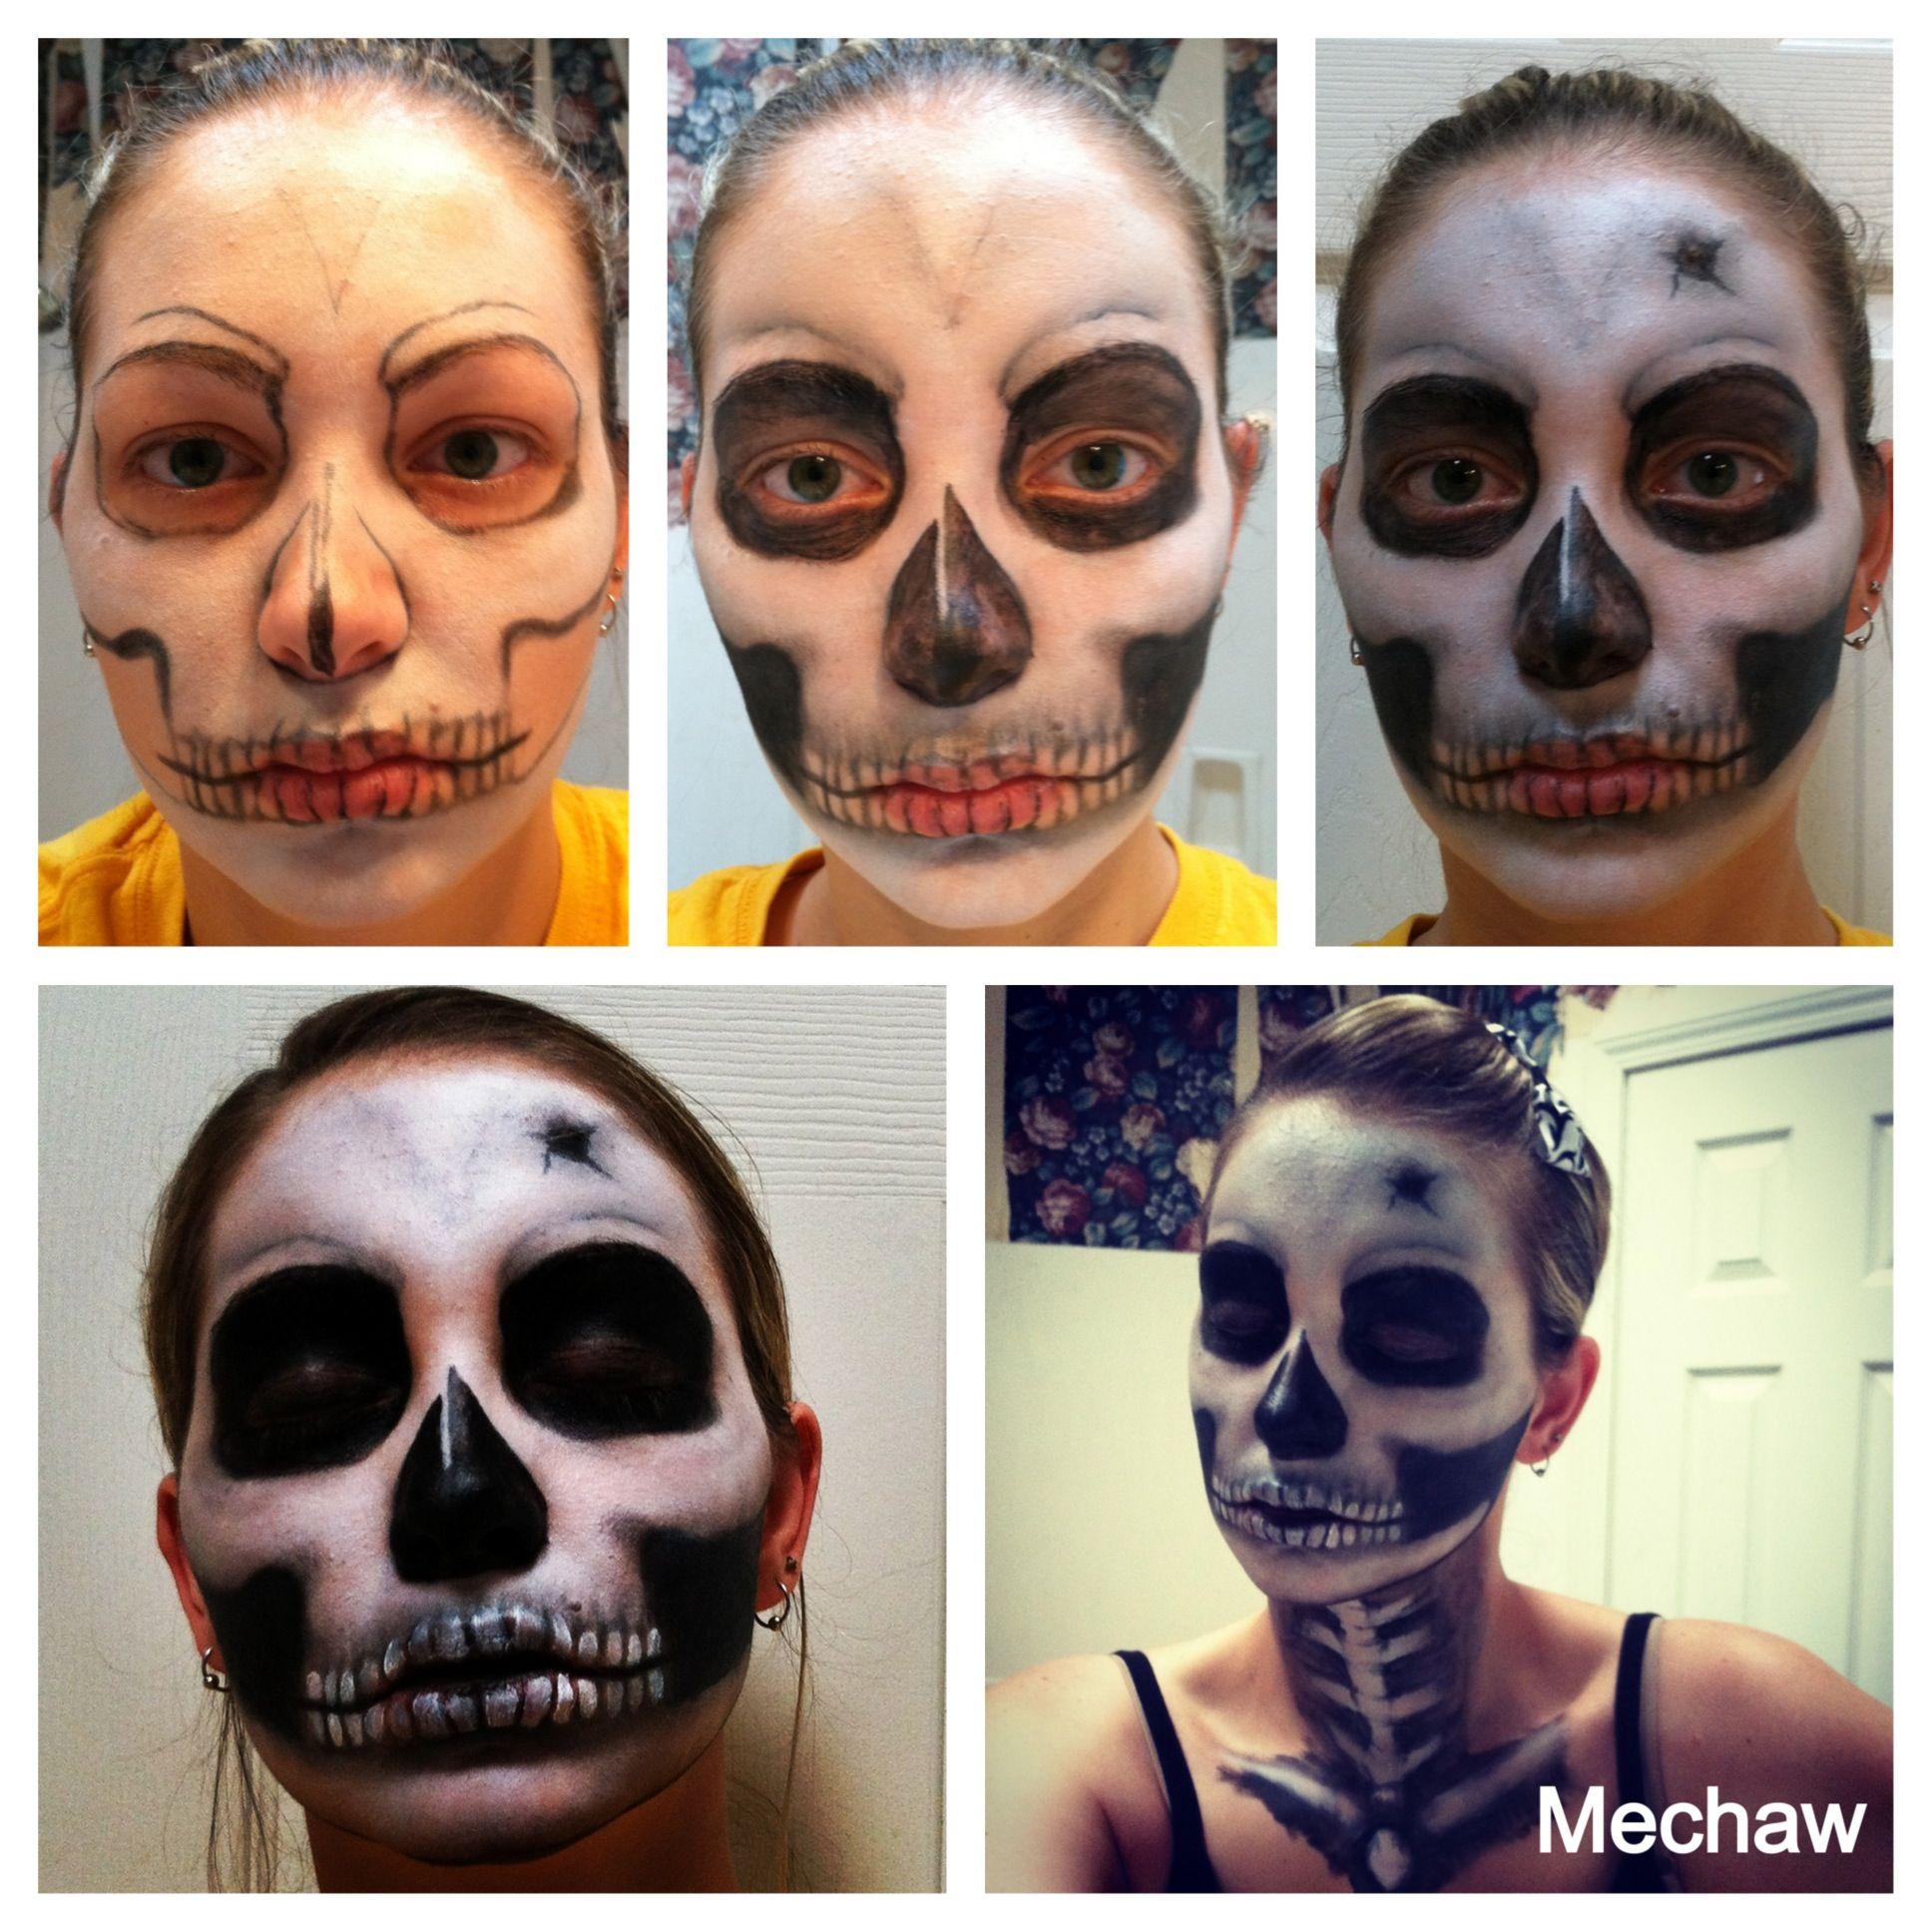 Mechaw - Halloween Skull Makeup